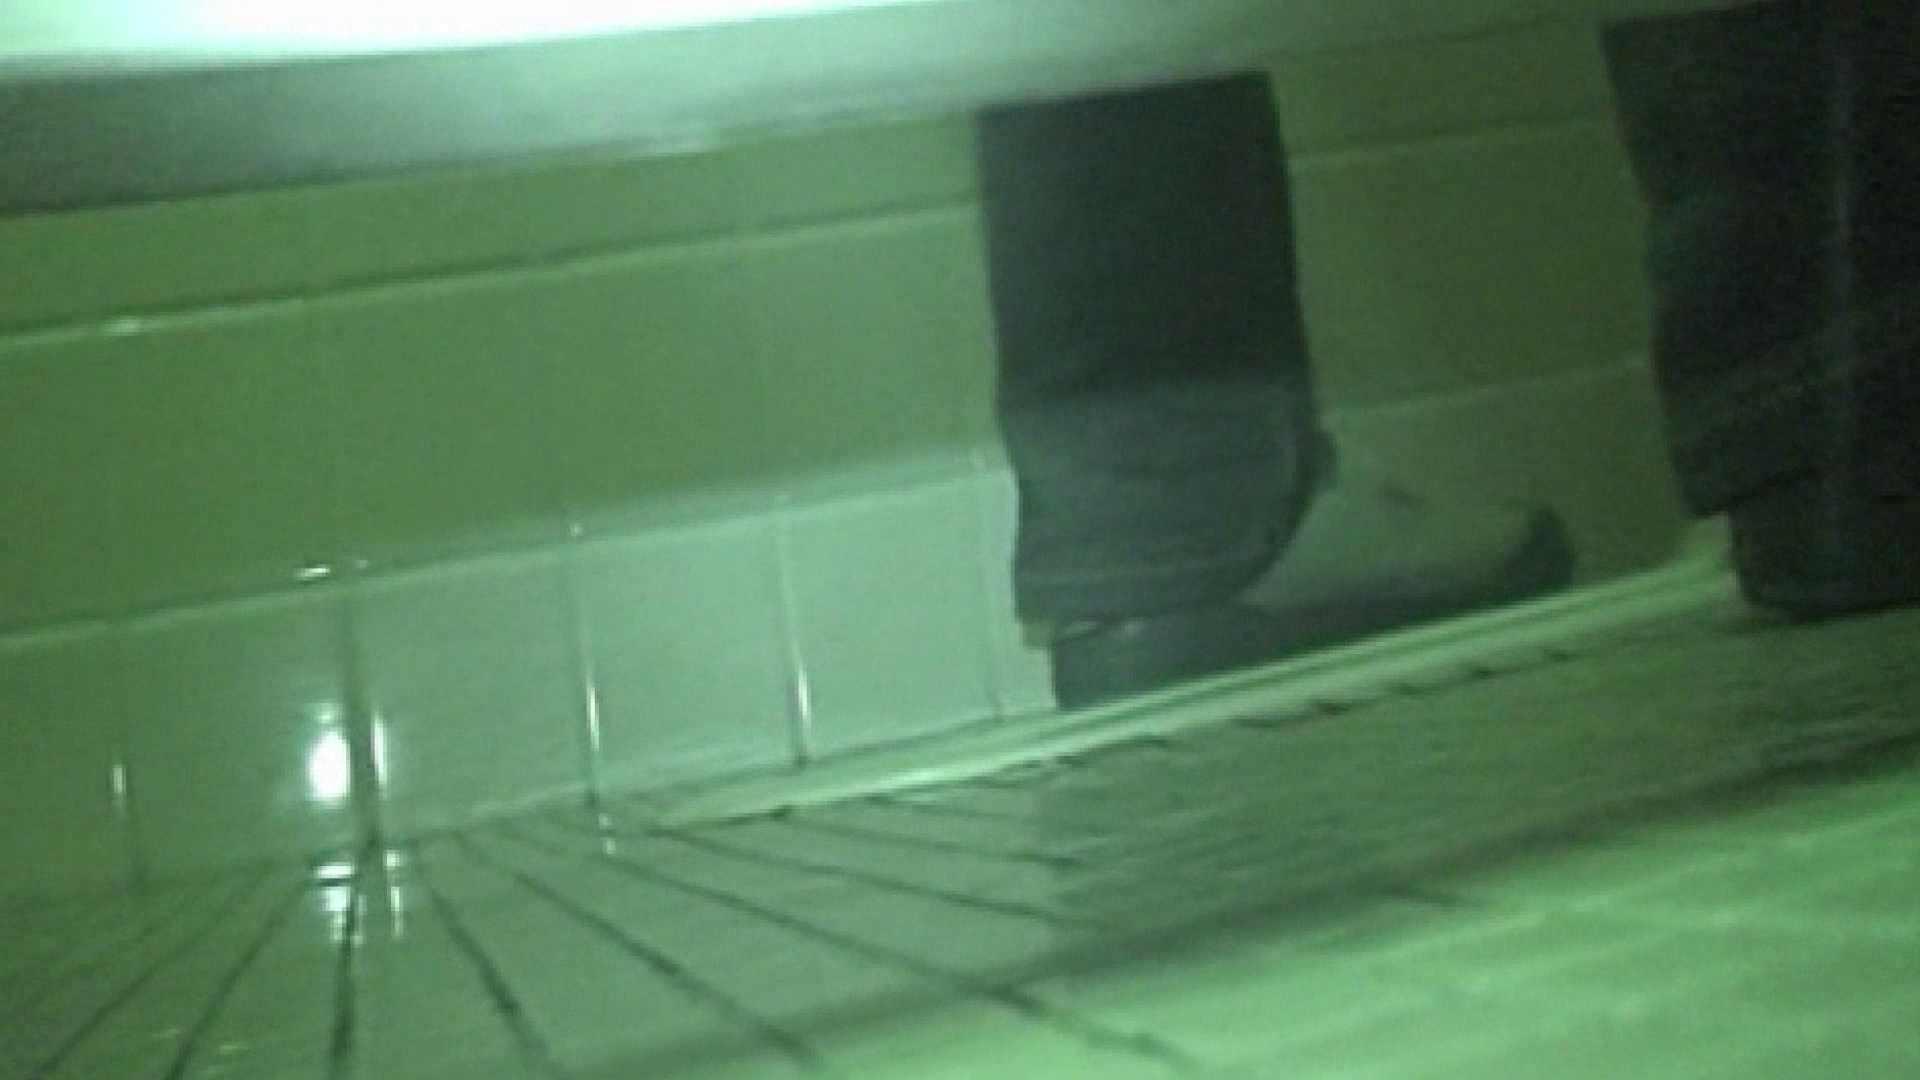 ロックハンドさんの盗撮記録File.66 マンコエロすぎ 盗撮動画紹介 75PIX 67